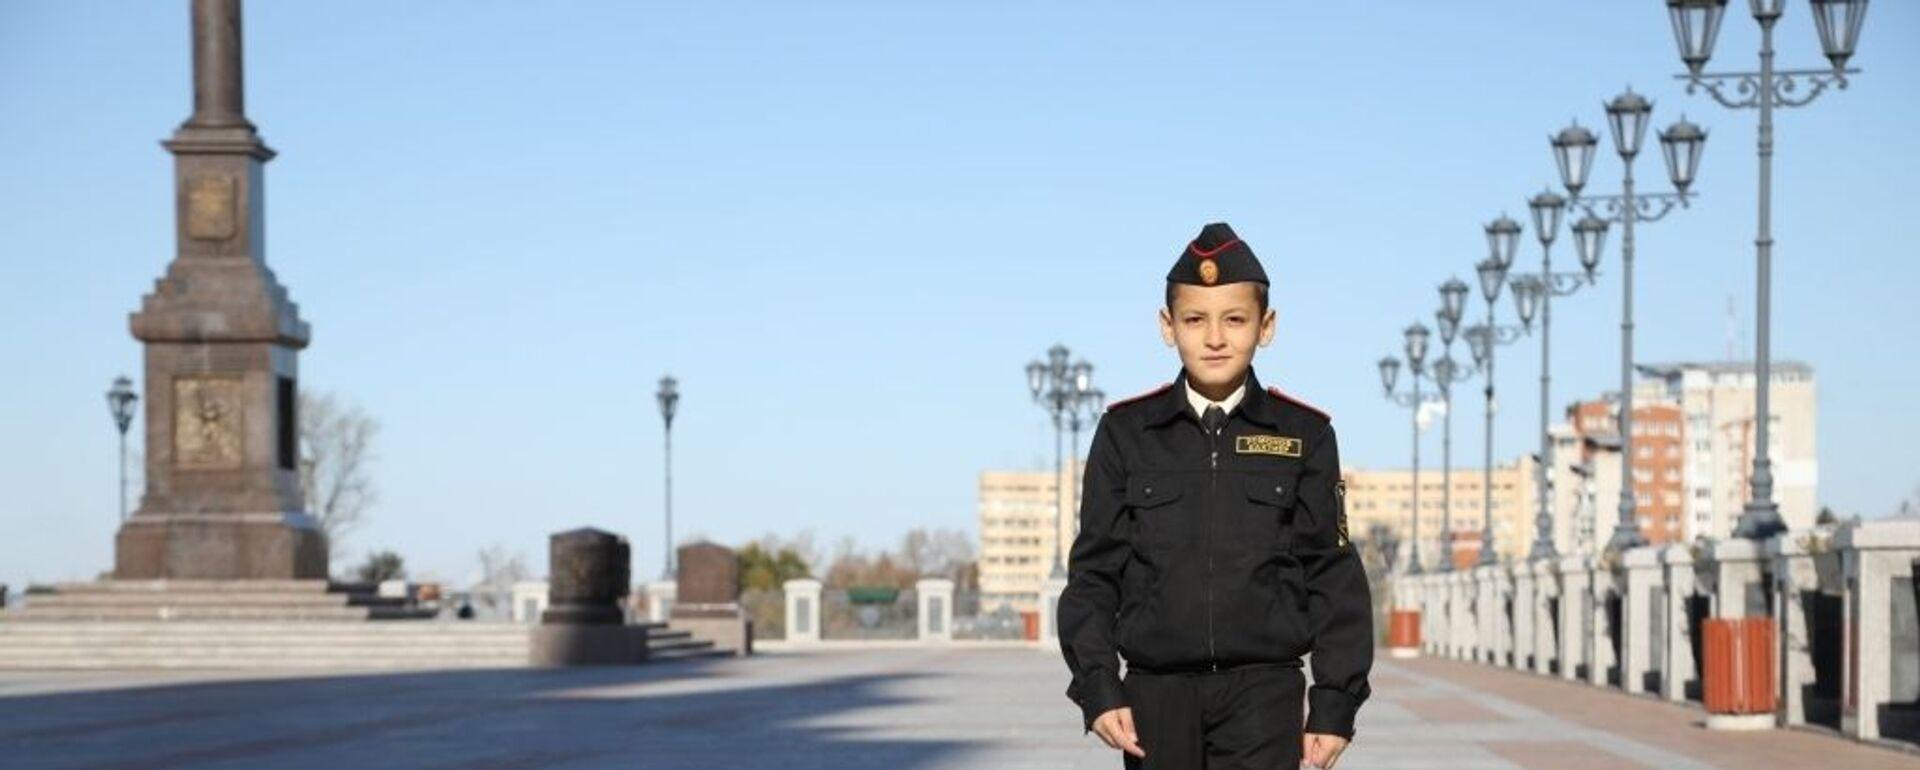 Мальчик-герой из Хабаровска Бахтиёр Усмонов - Sputnik Таджикистан, 1920, 24.03.2020